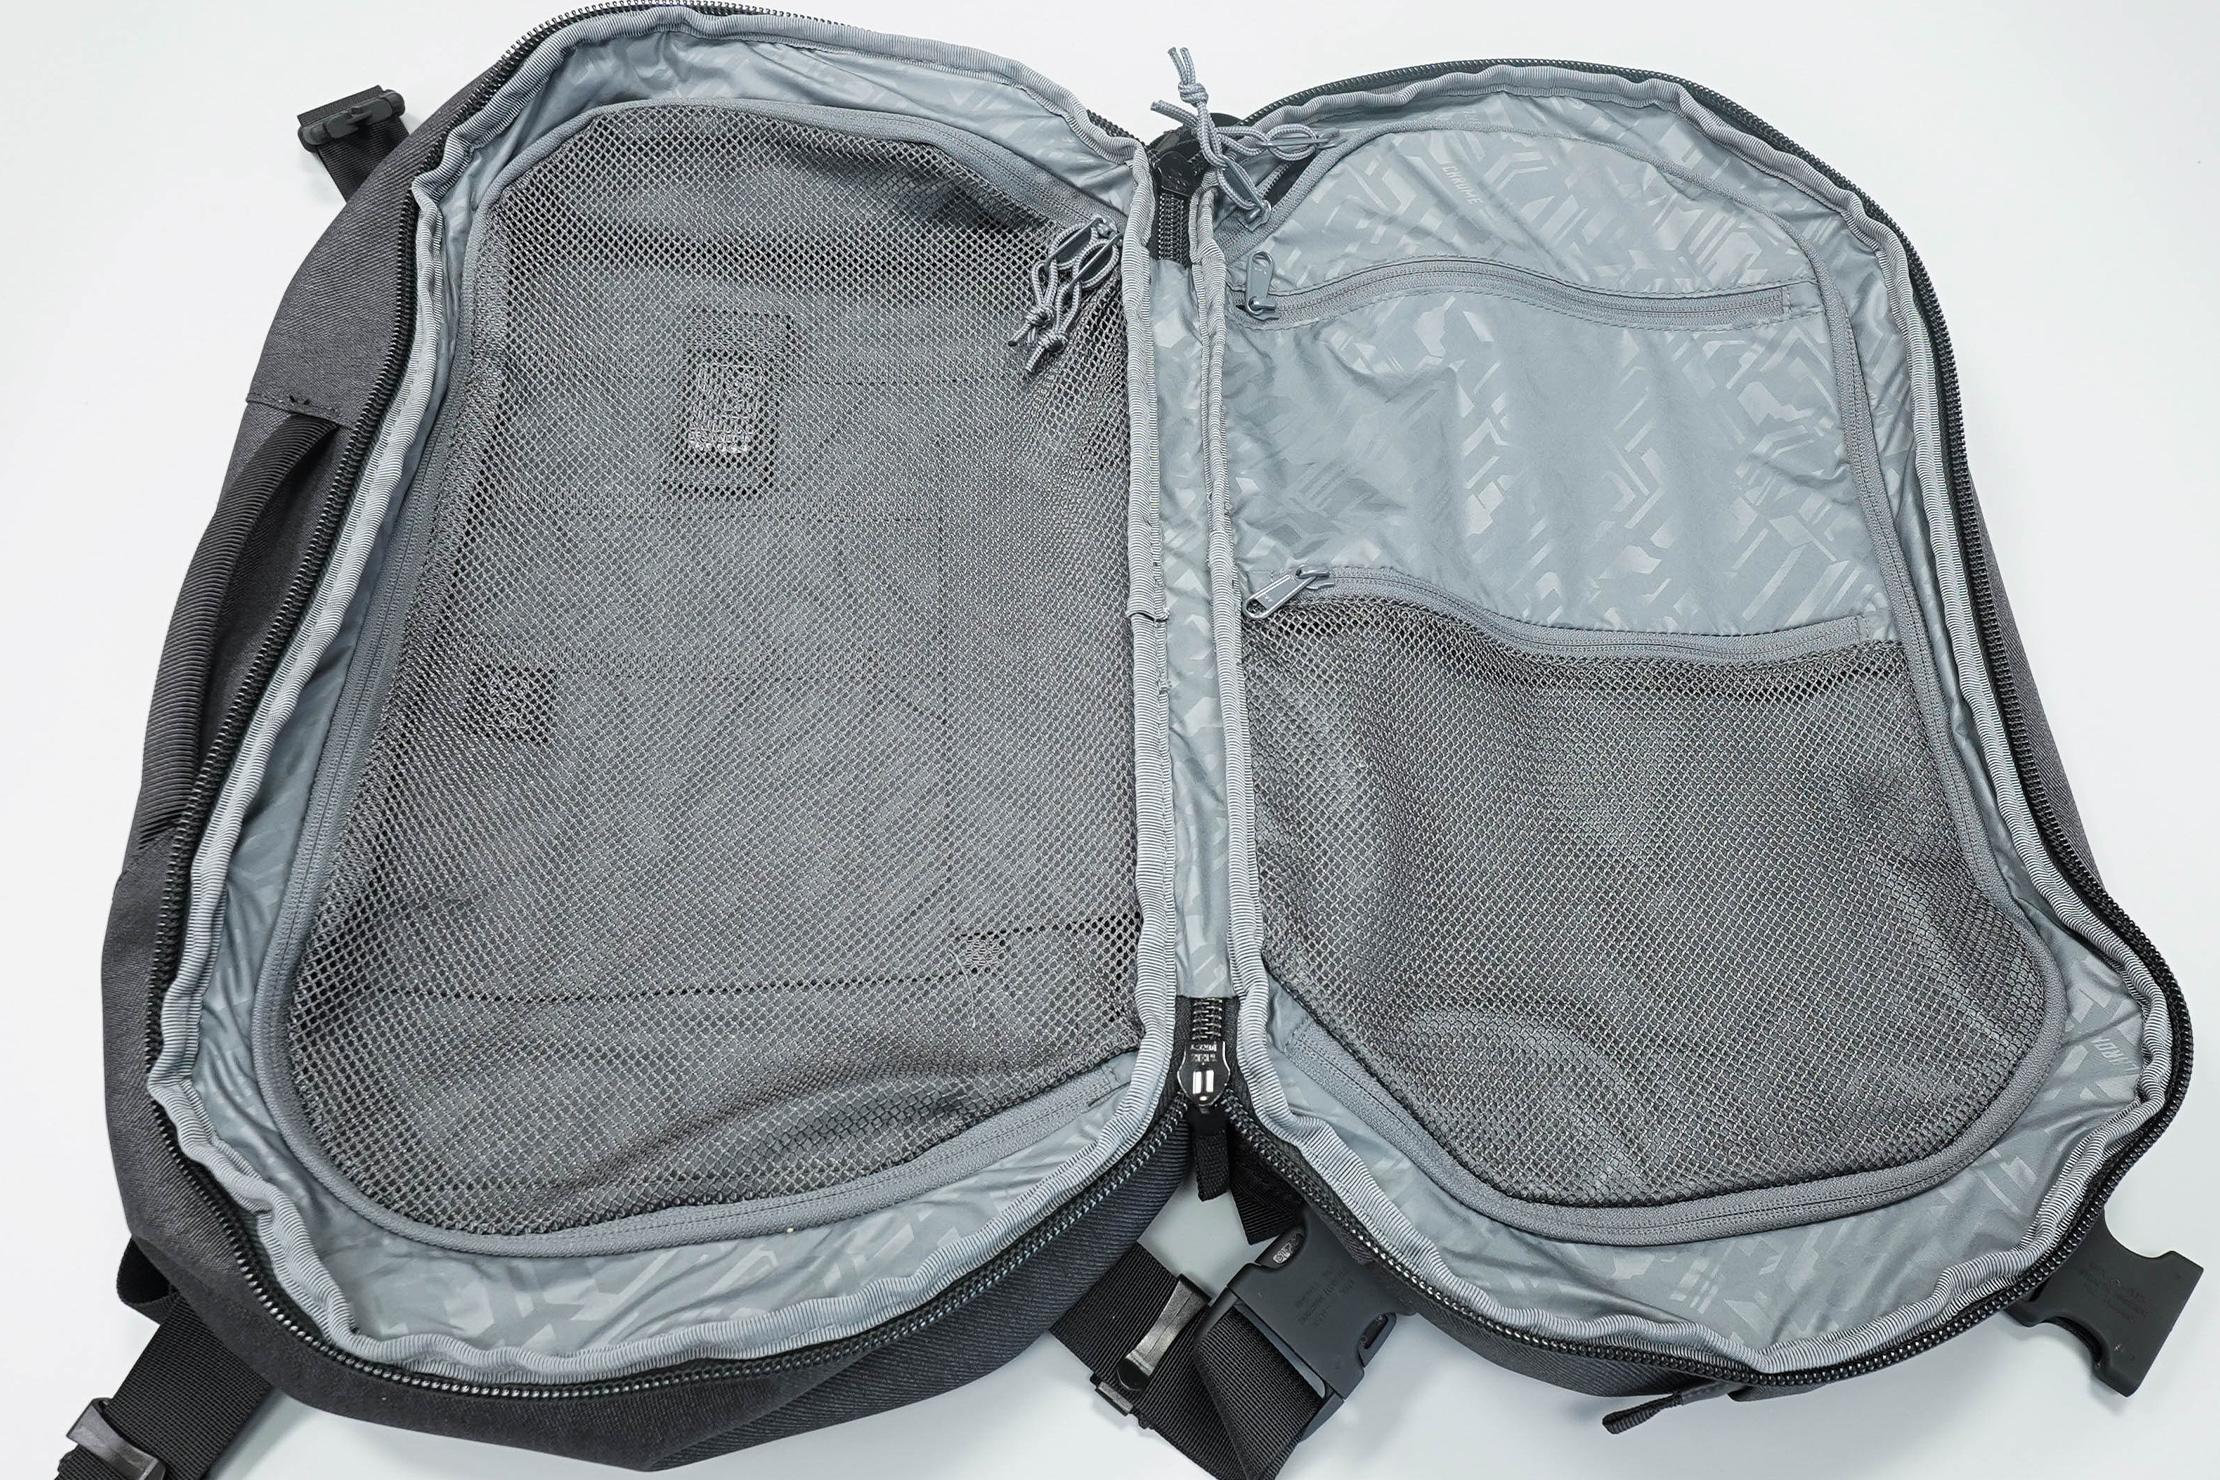 Chrome Summoner Backpack Clamshell Open